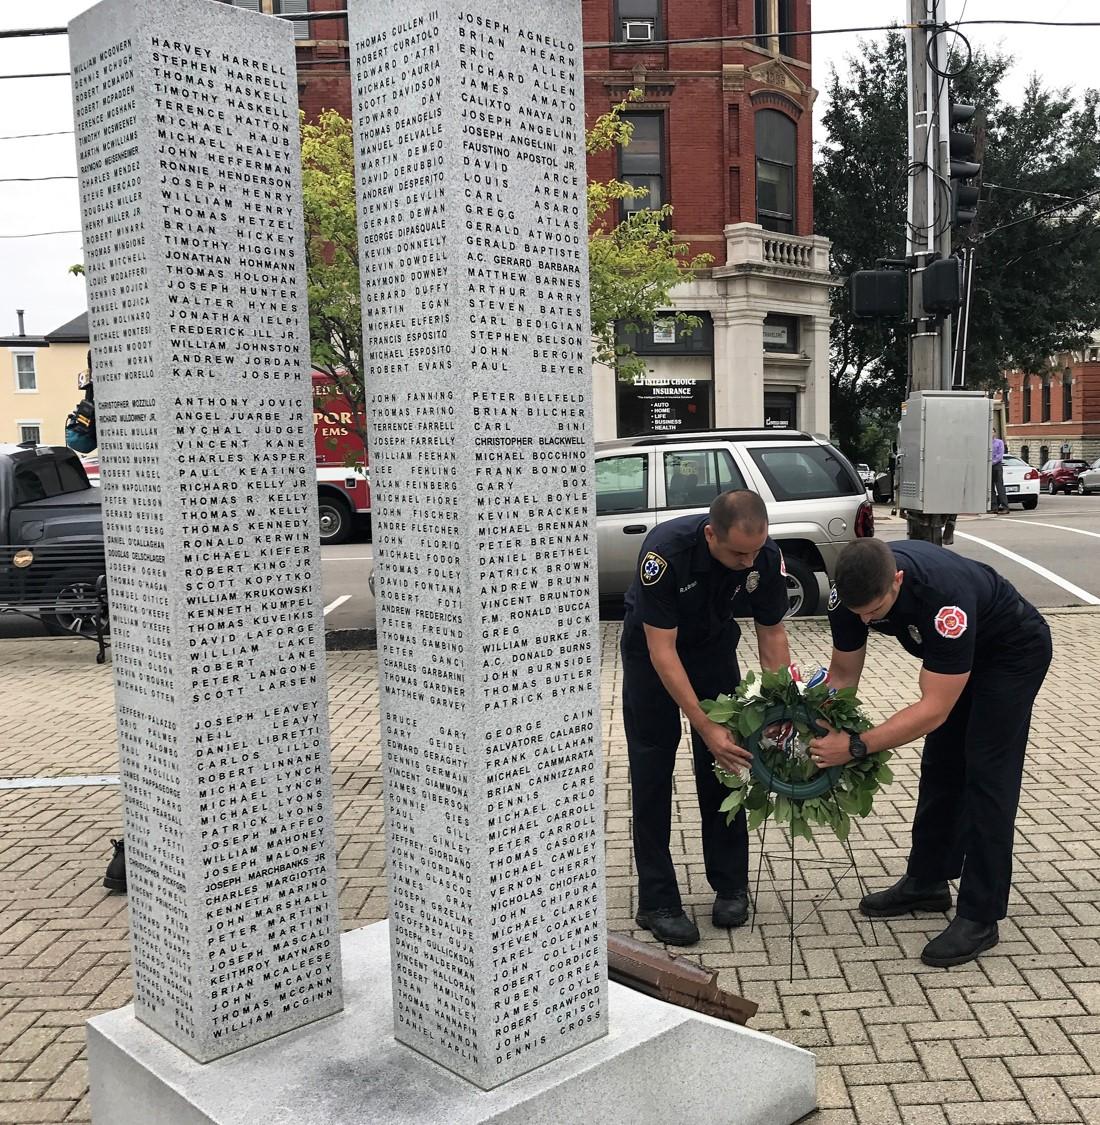 圖為紐約市消防消防員在紐波特紀念柱底部,放上一個悼念花圈。 NKyTribune圖片